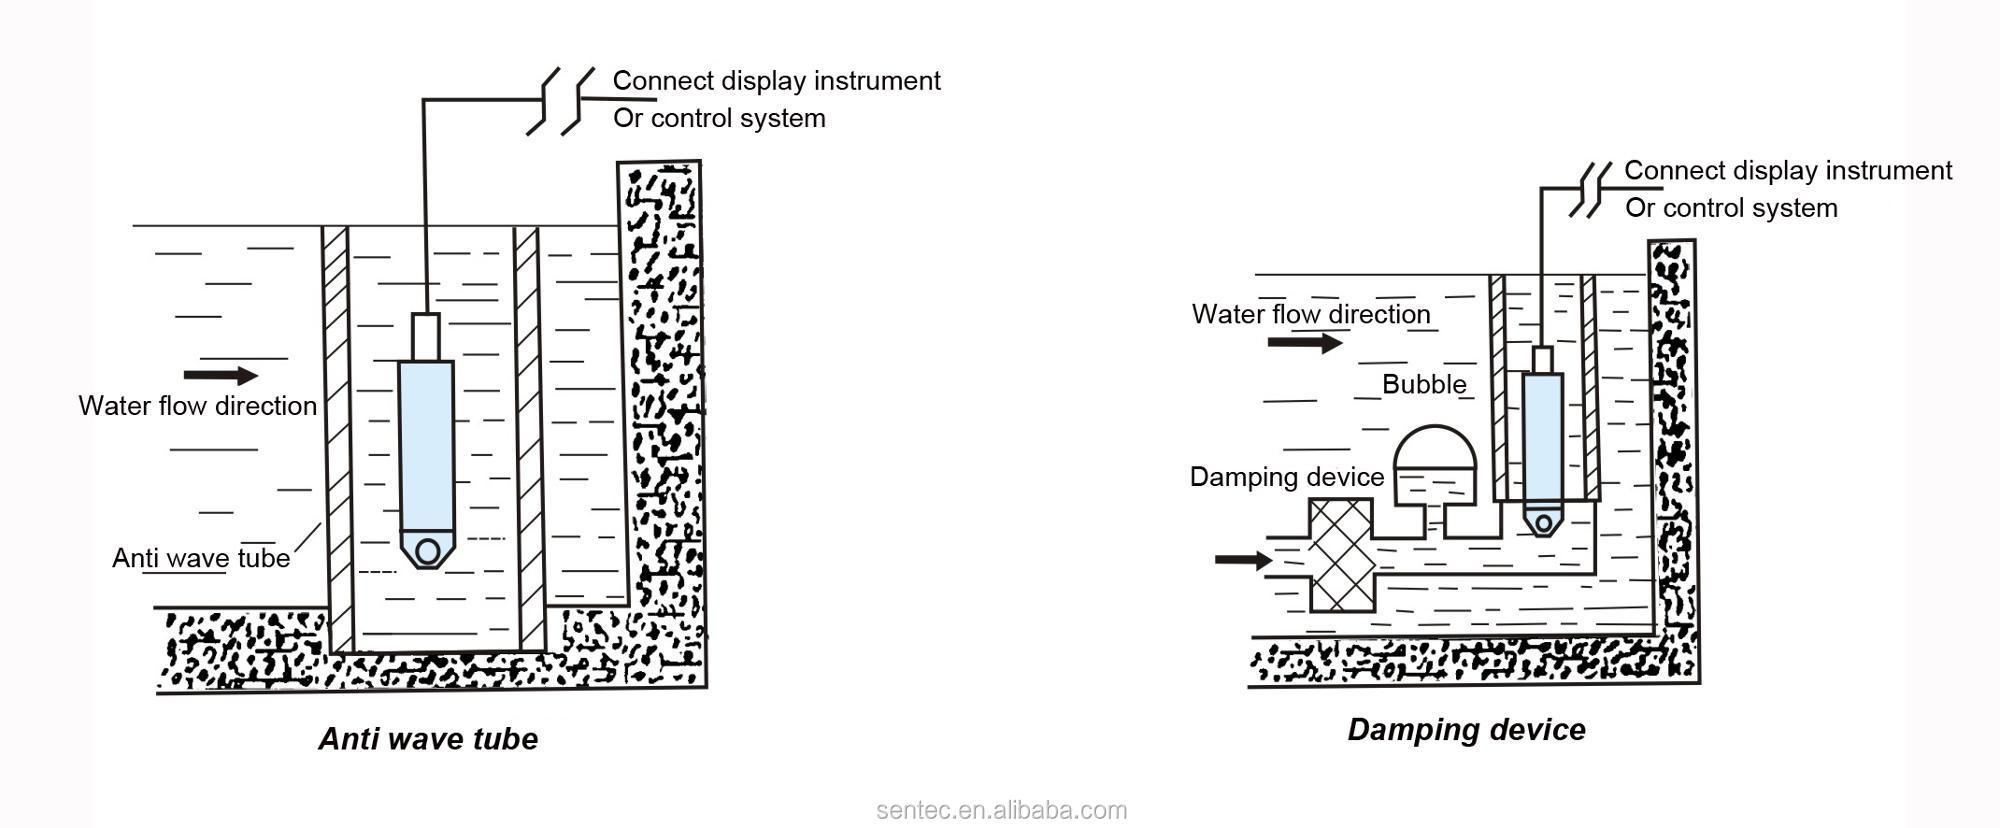 4-20mA पनडुब्बी तरल पूल गहरी अच्छी तरह से टैंक जल स्तर सेंसर